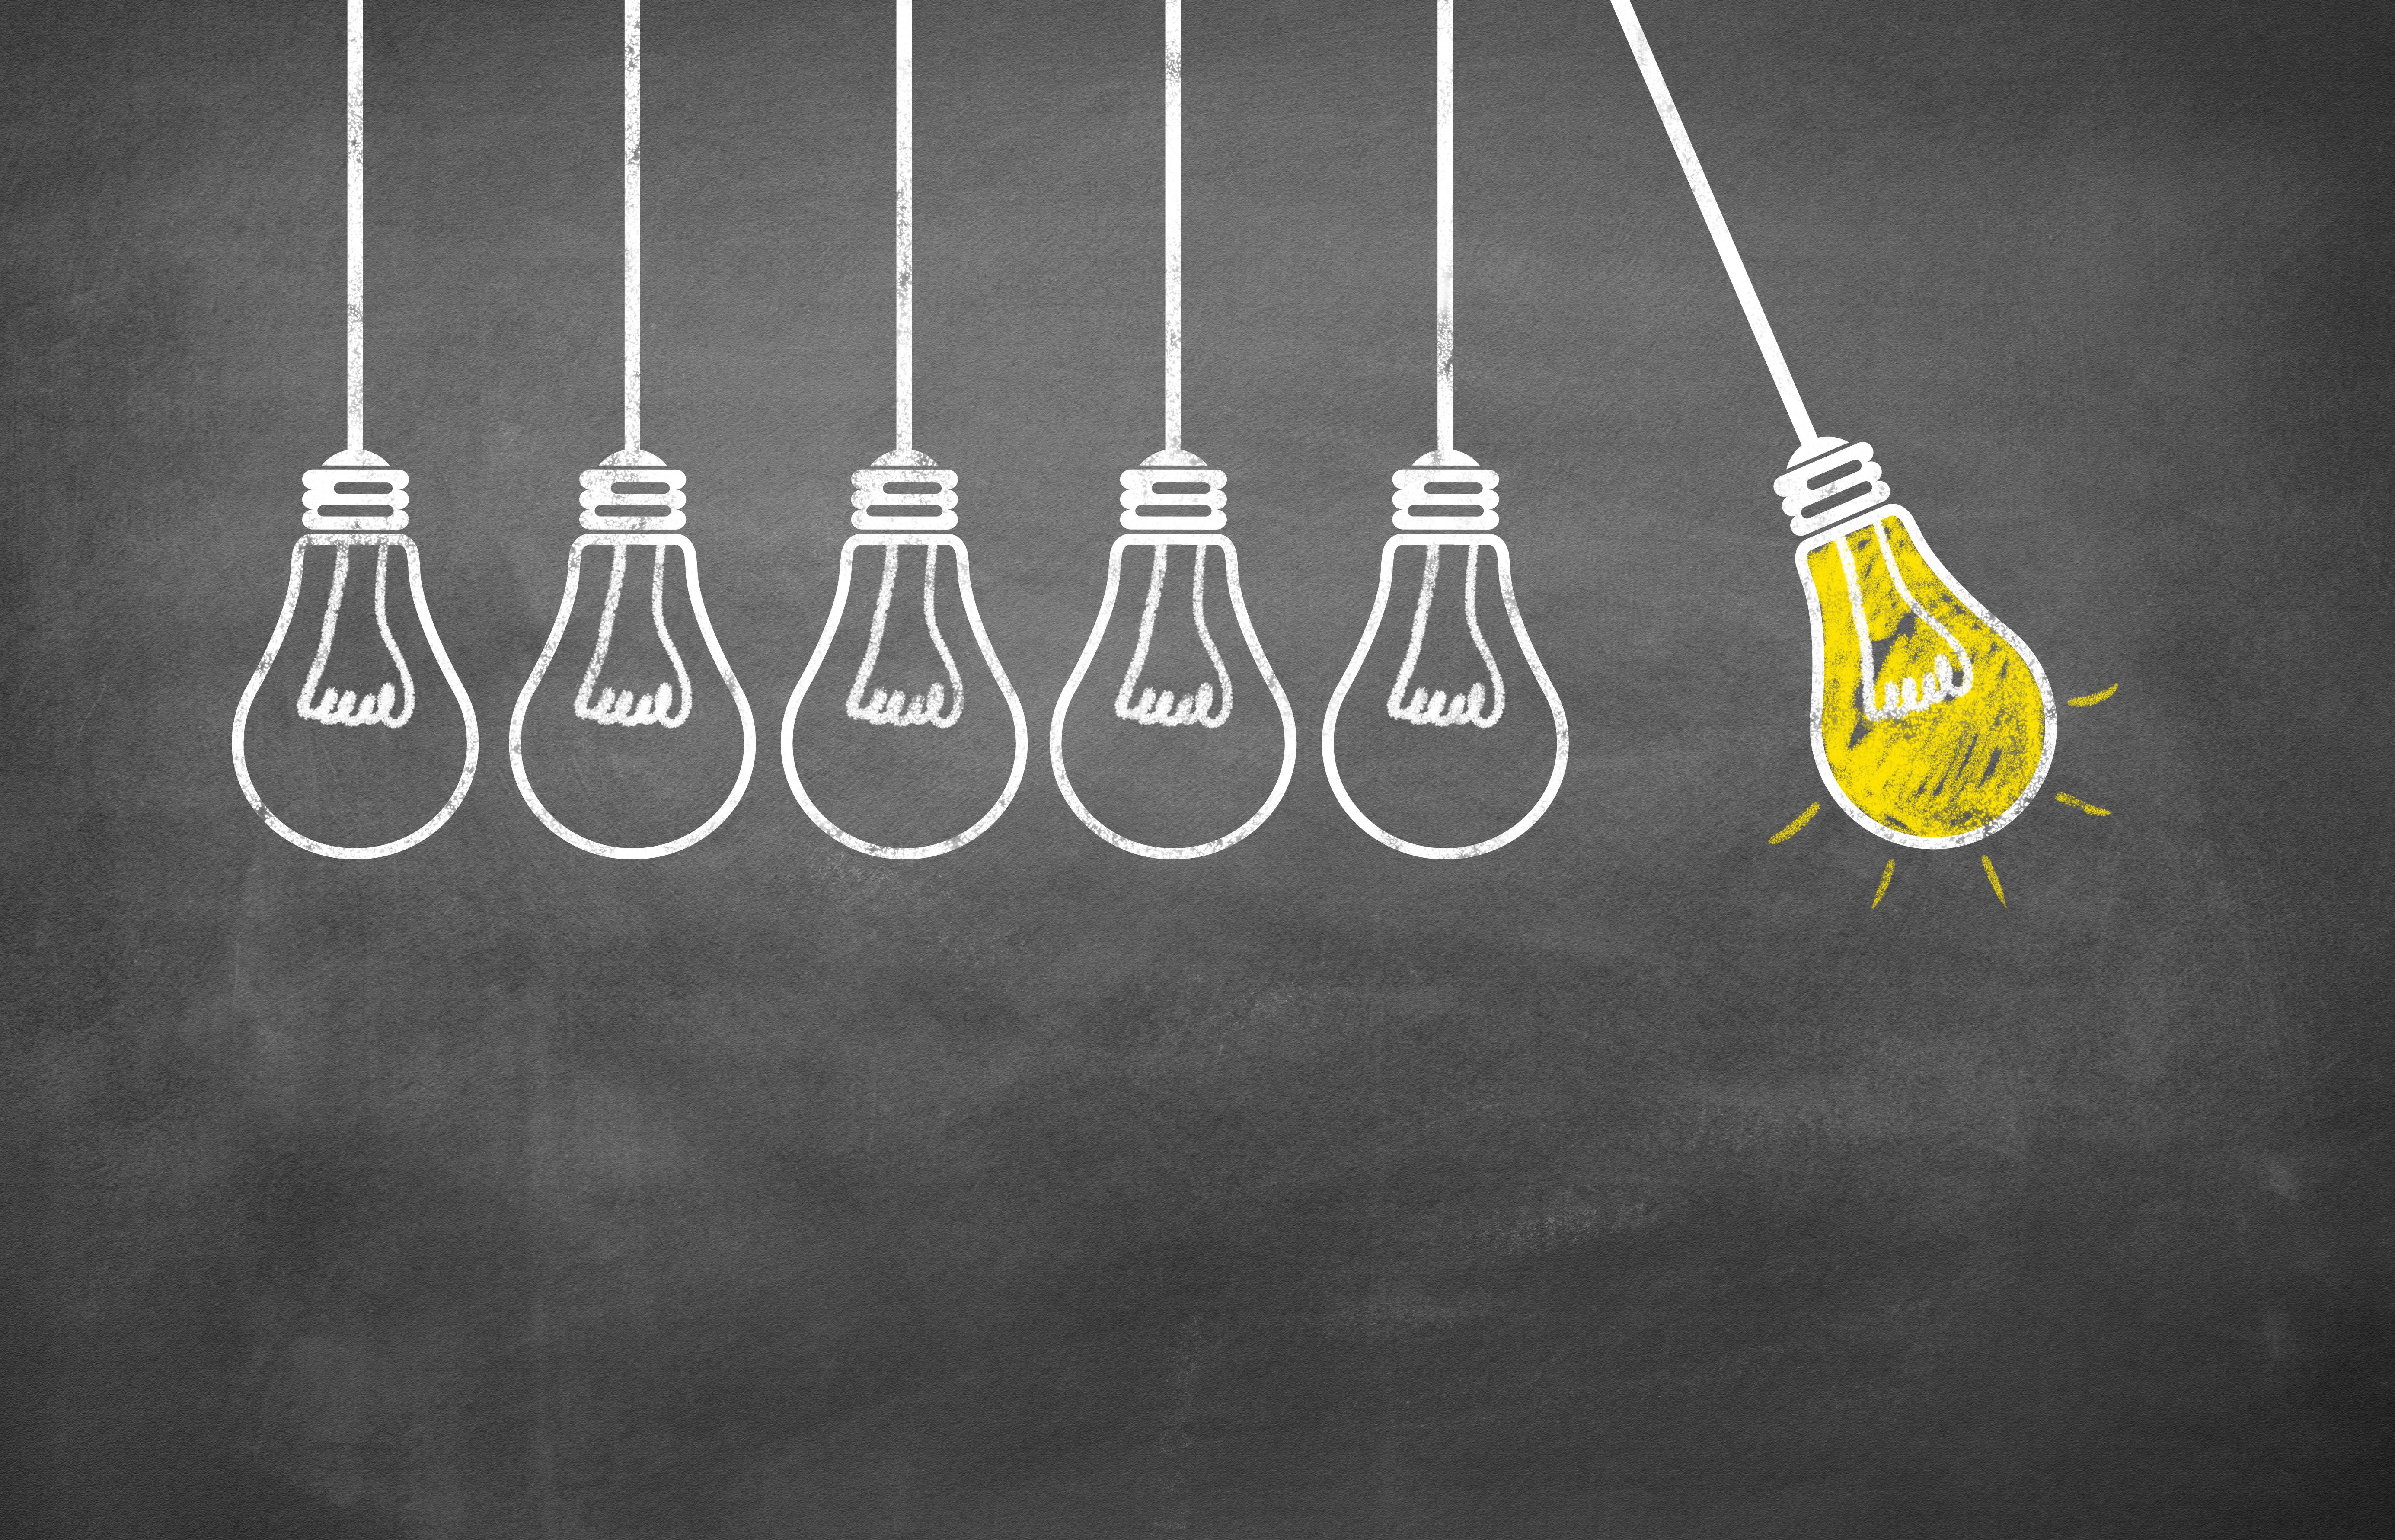 Wybierz najkorzystniejszą formę świadczenia usług rozwojowych w Bazie Usług Rozwojowych